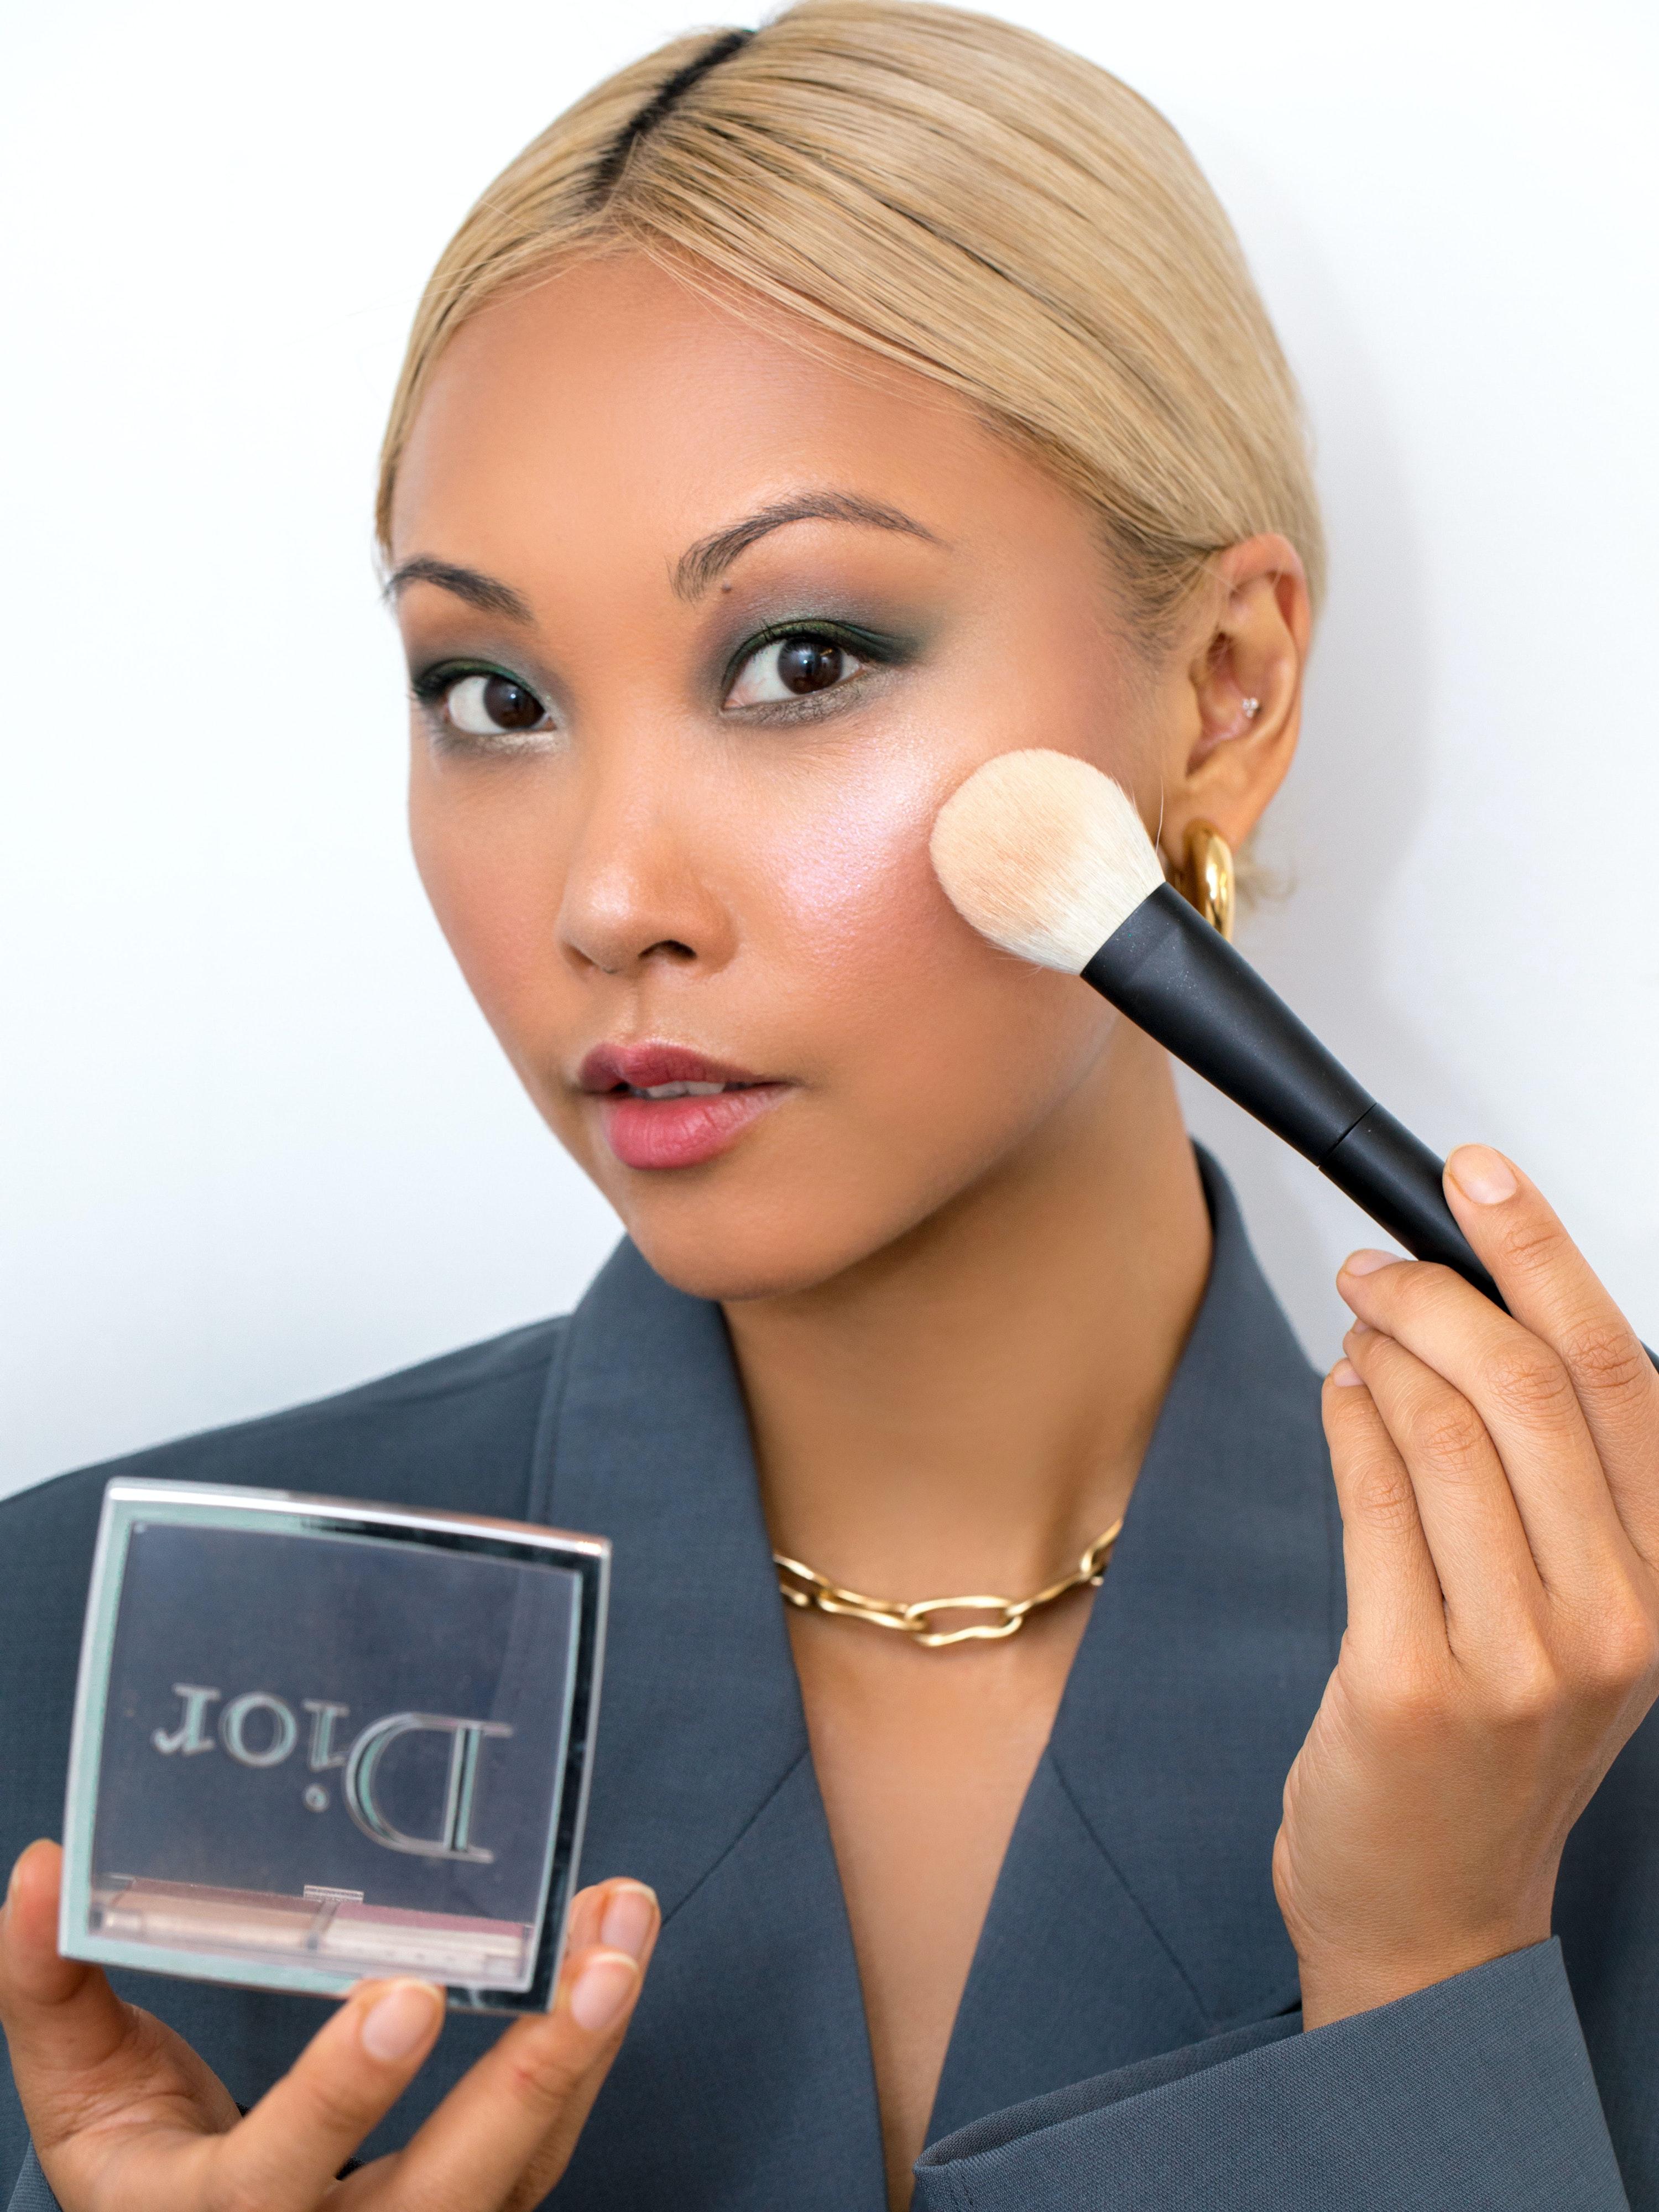 Vanessa Hong applying Dior makeup